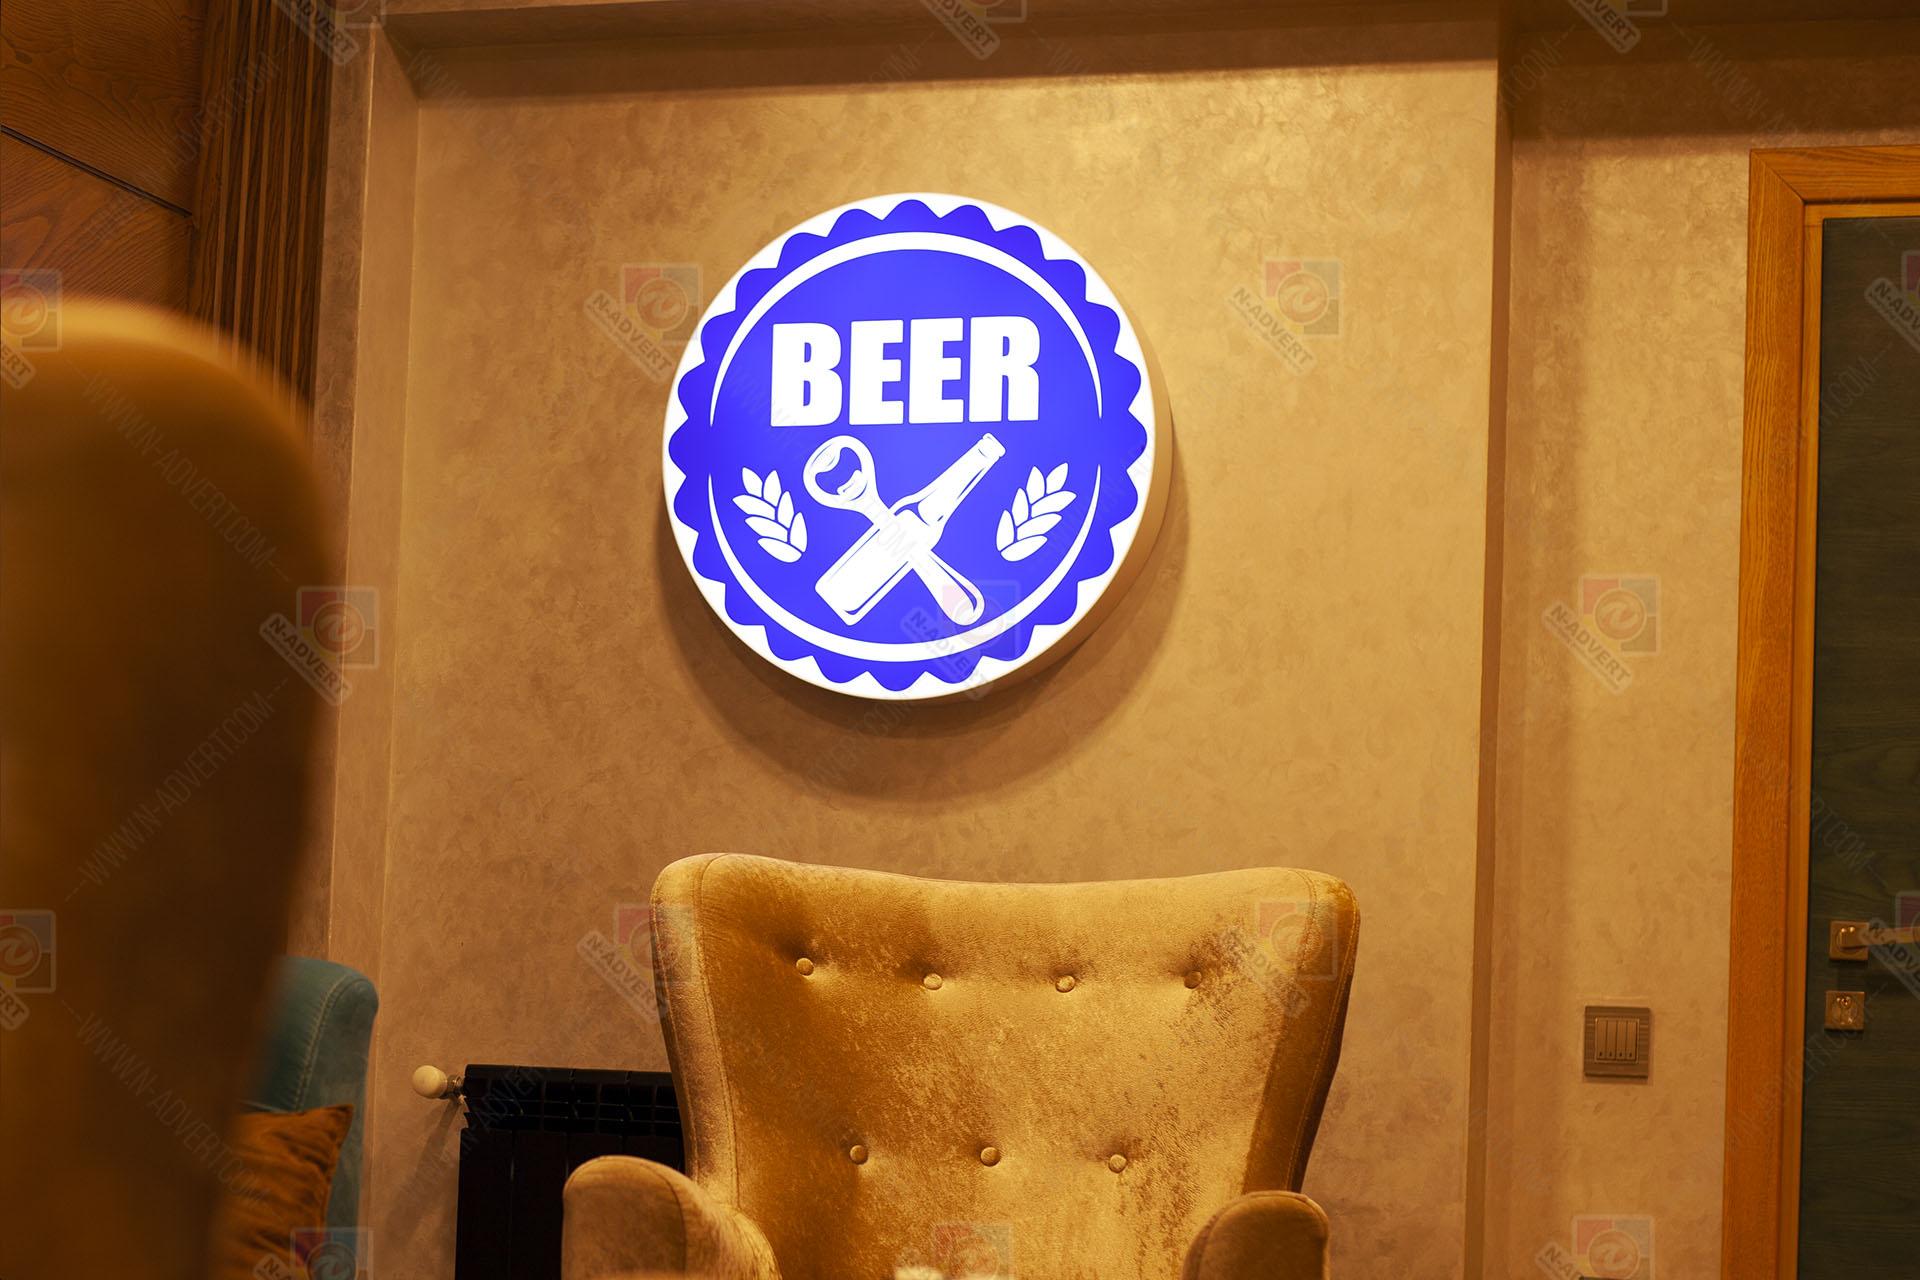 Beer2 1920x1280